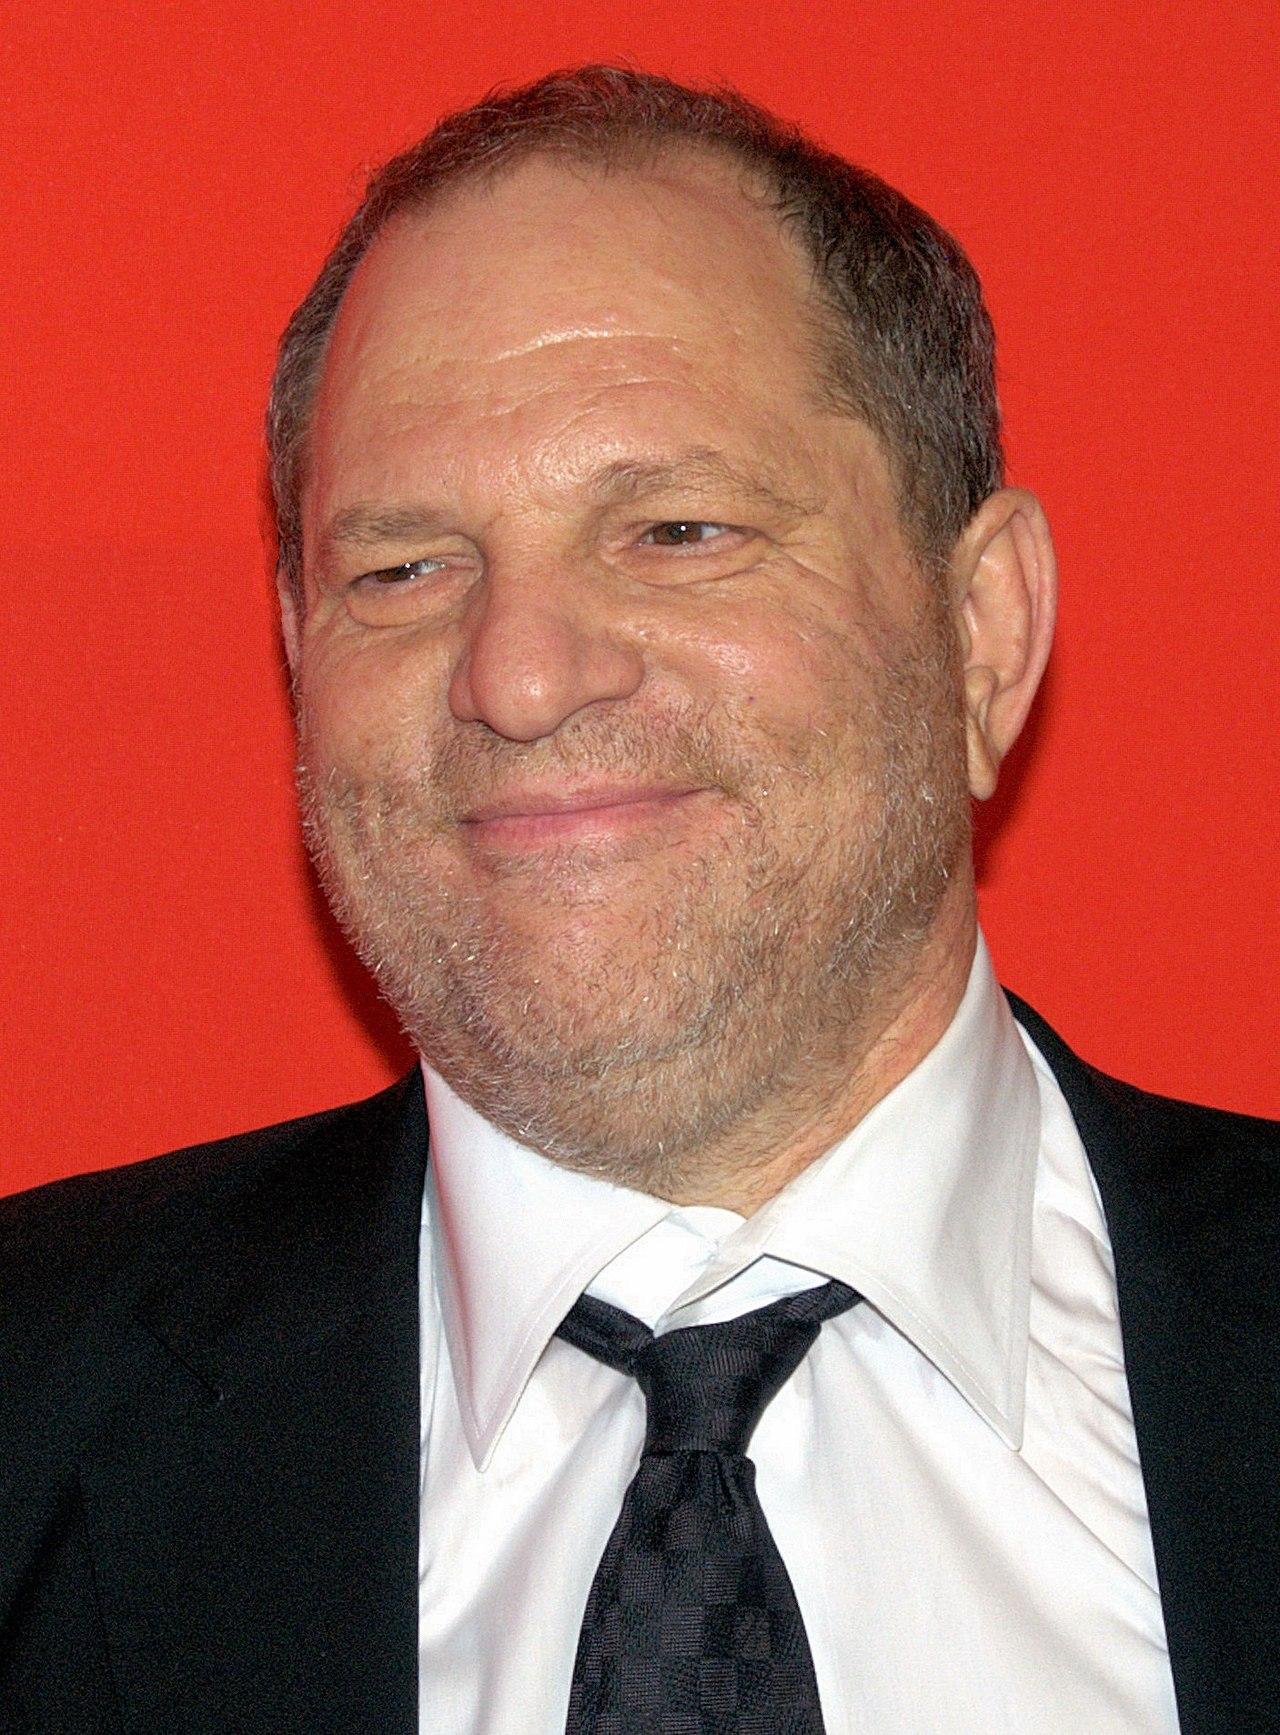 1280px-Harvey_Weinstein_2010_Time_100_Shankbone.jpg